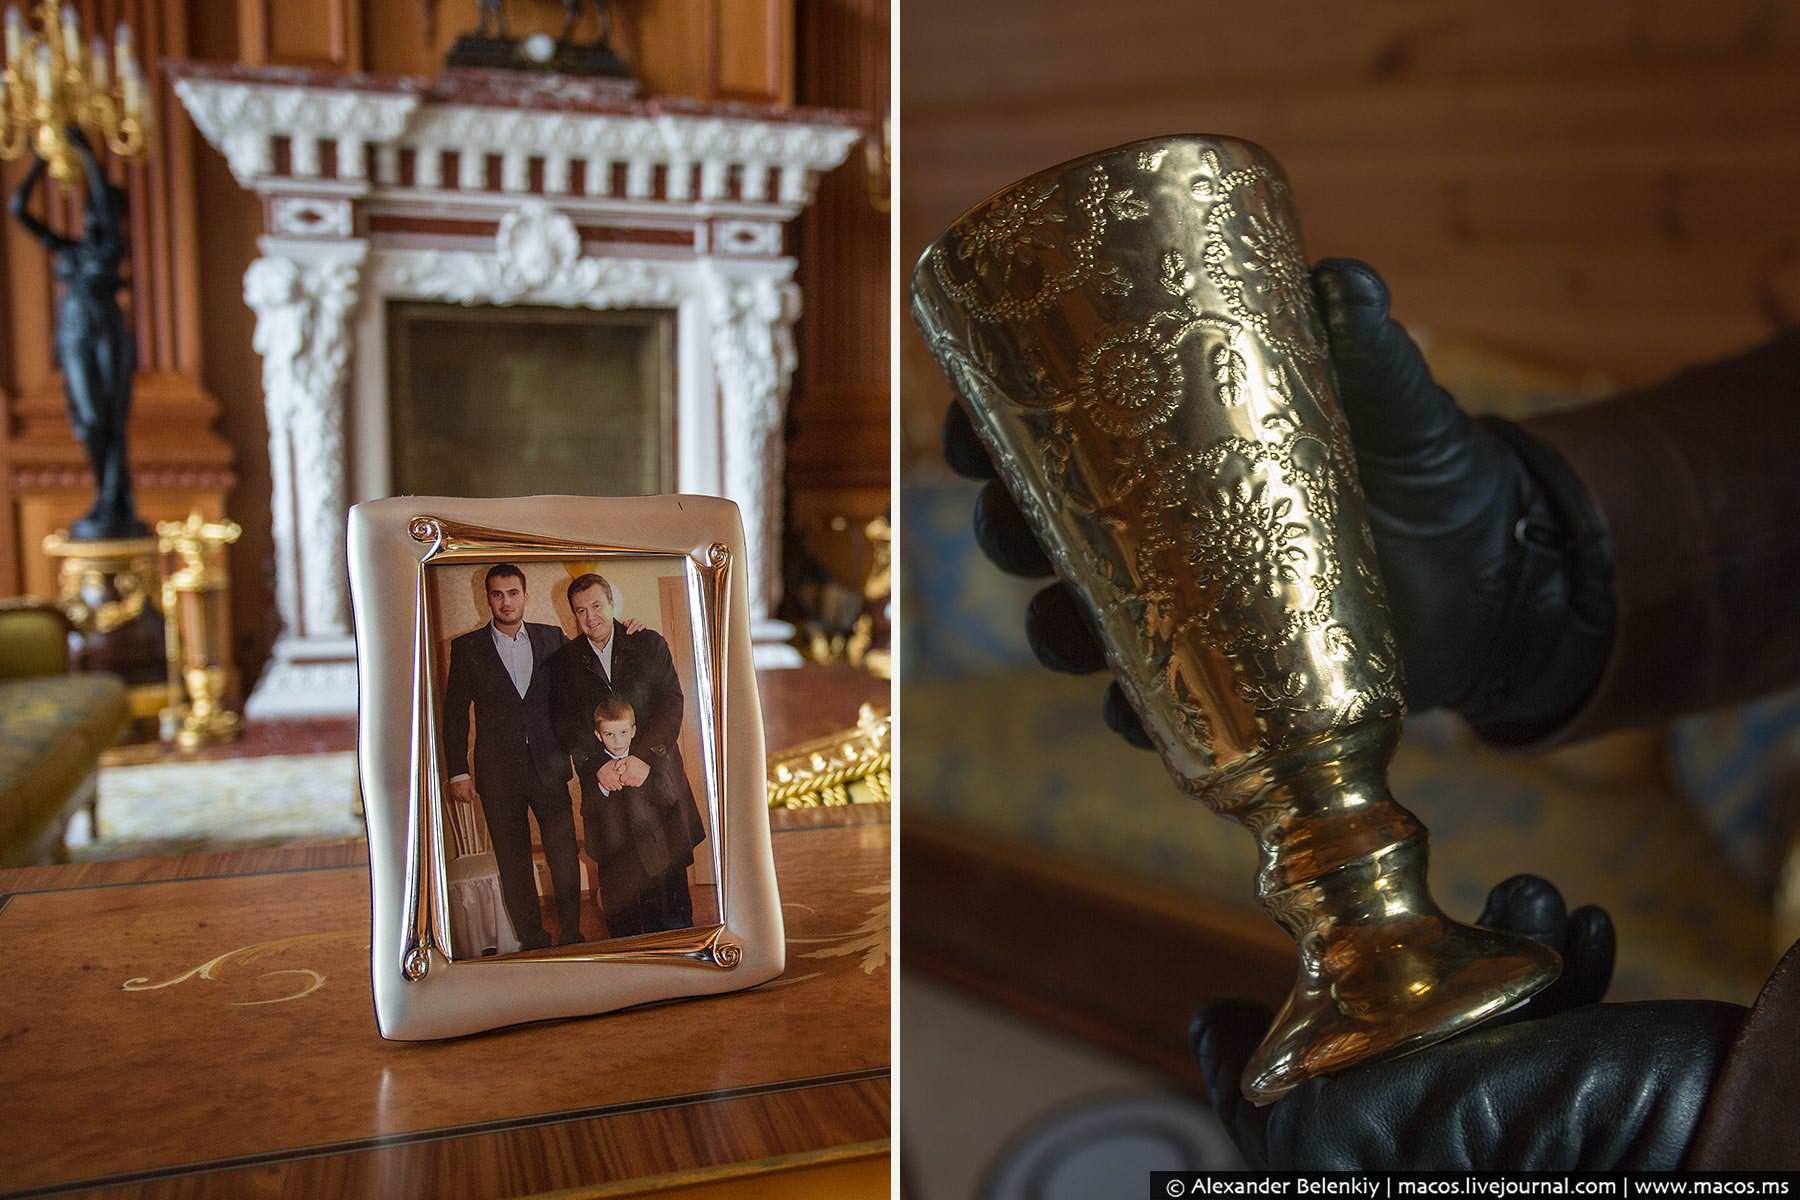 http://www.pravda-tv.ru/wp-content/uploads/2014/11/LR2014.10-UA-Residence-38.jpg